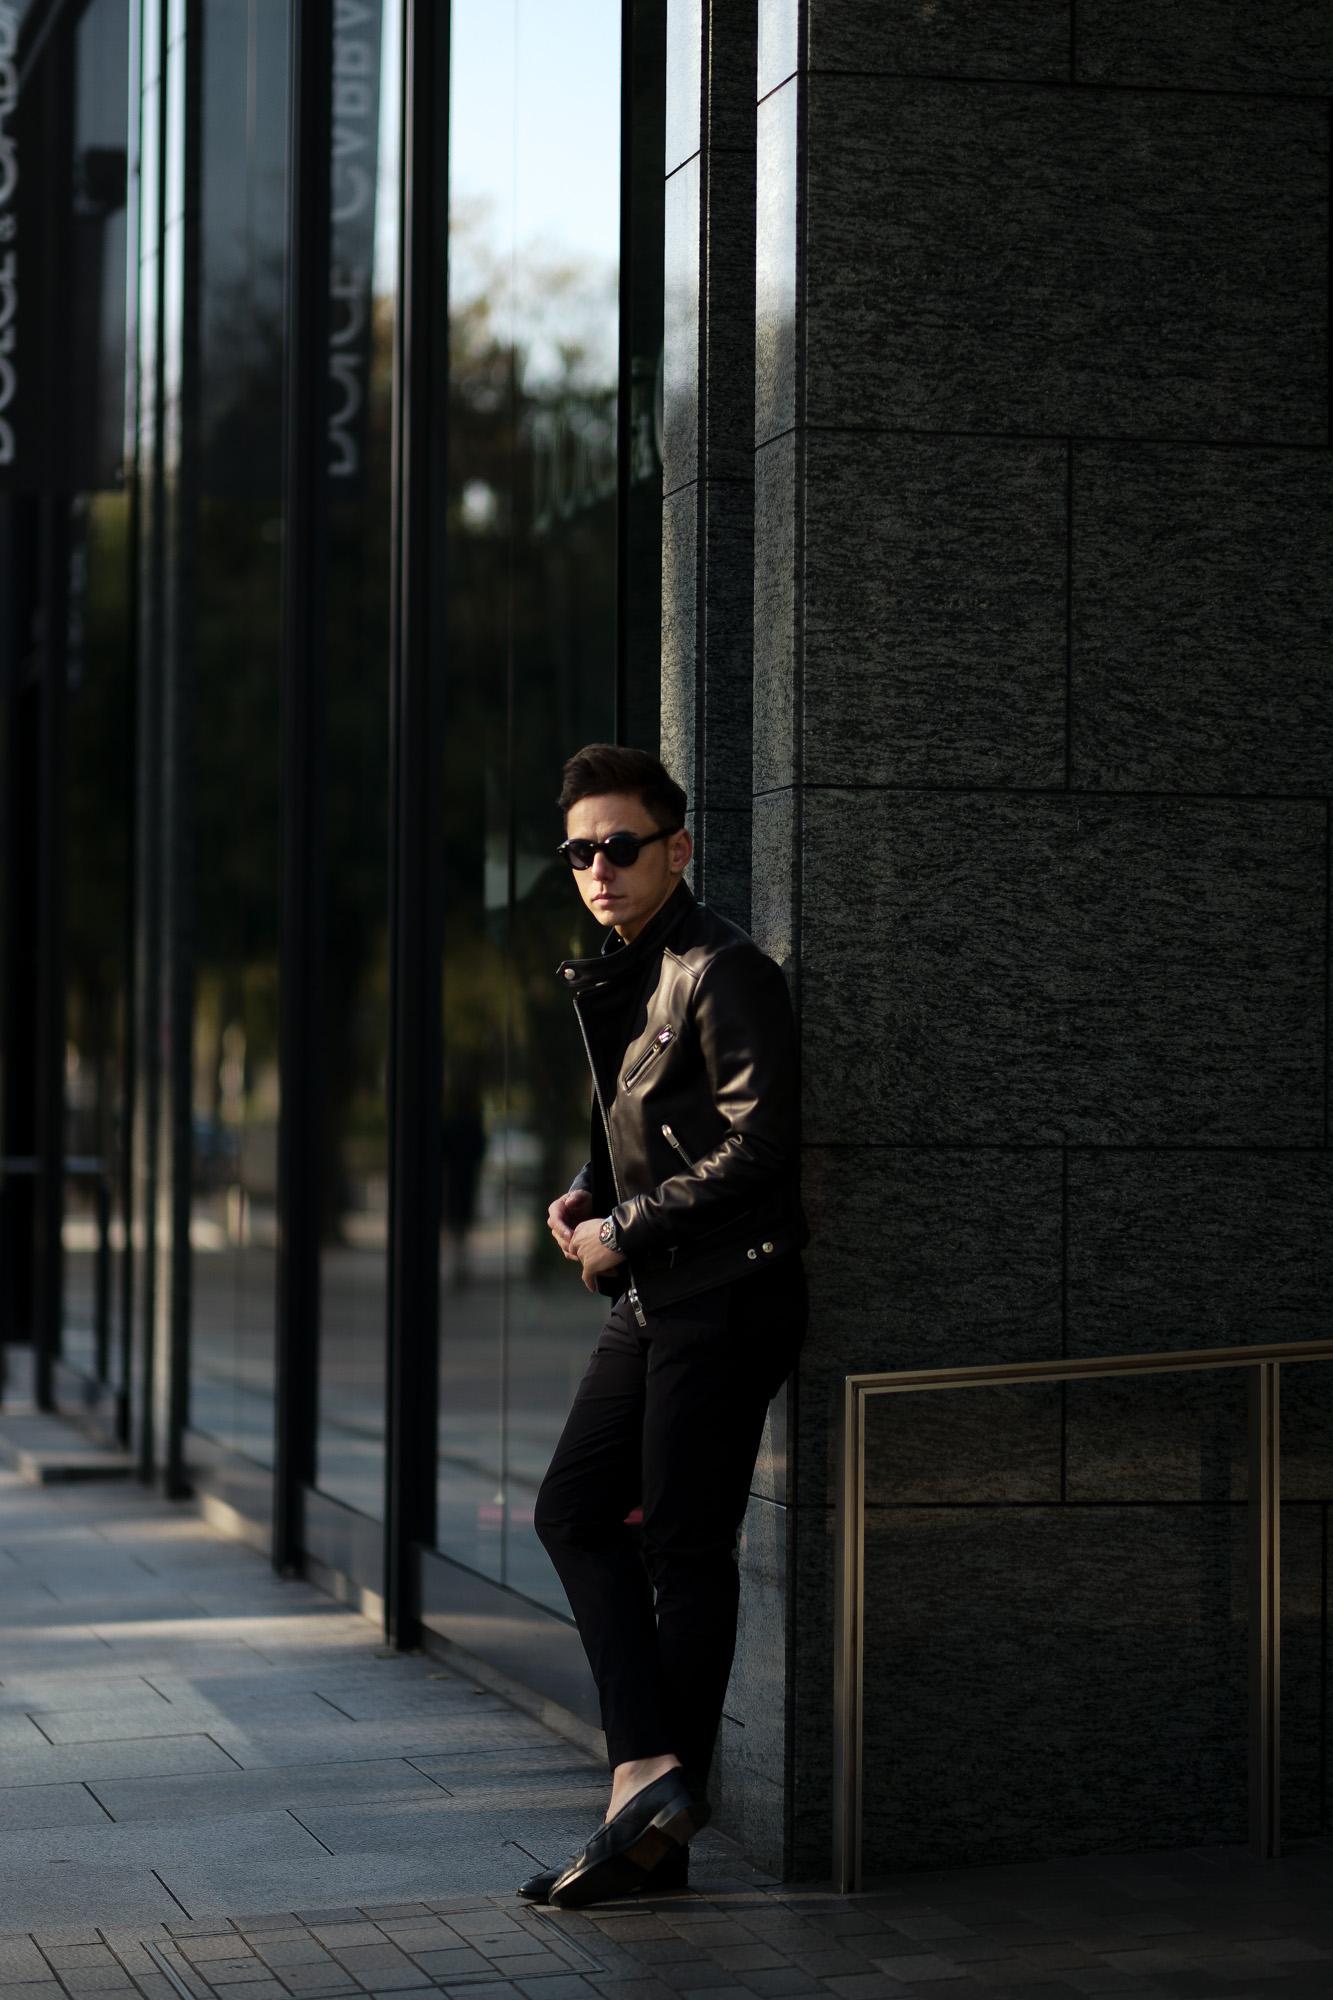 FIXER(フィクサー) F1(エフワン) DOUBLE RIDERS Cow Leather ダブルライダース ジャケット BLACK(ブラック) 【ご予約受付中】【2020.4.19(Sun)~2020.5.10(Sun)】愛知 名古屋 altoediritto アルトエデリット